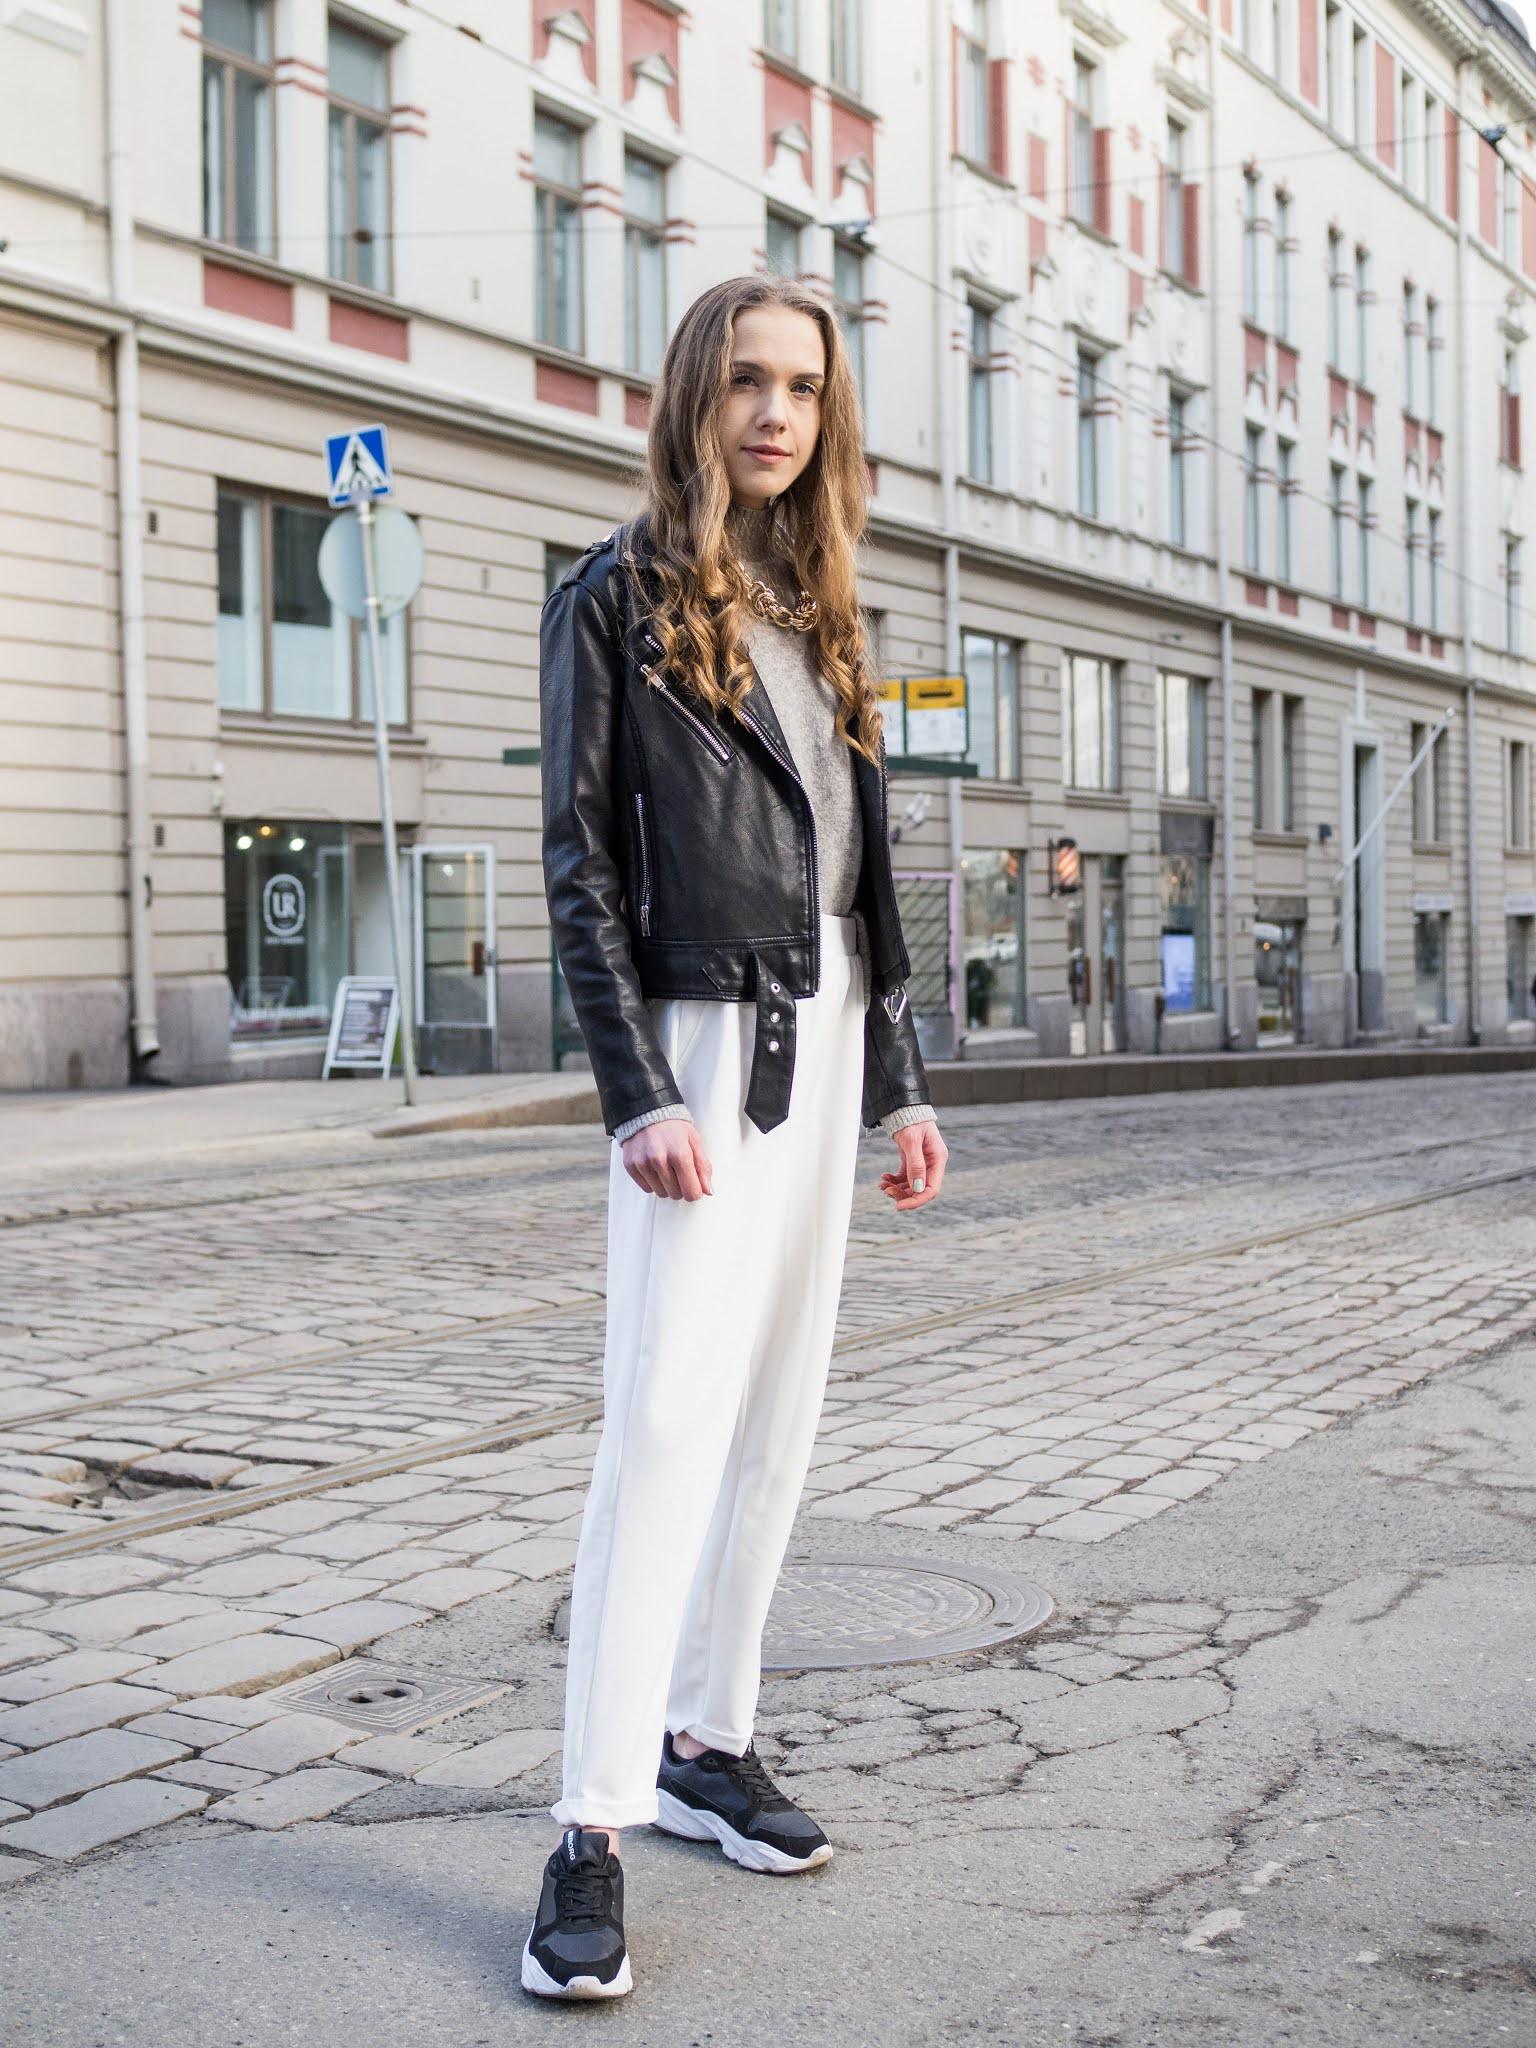 Kuinka yhdistää valkoiset housut // How to wear white trousers